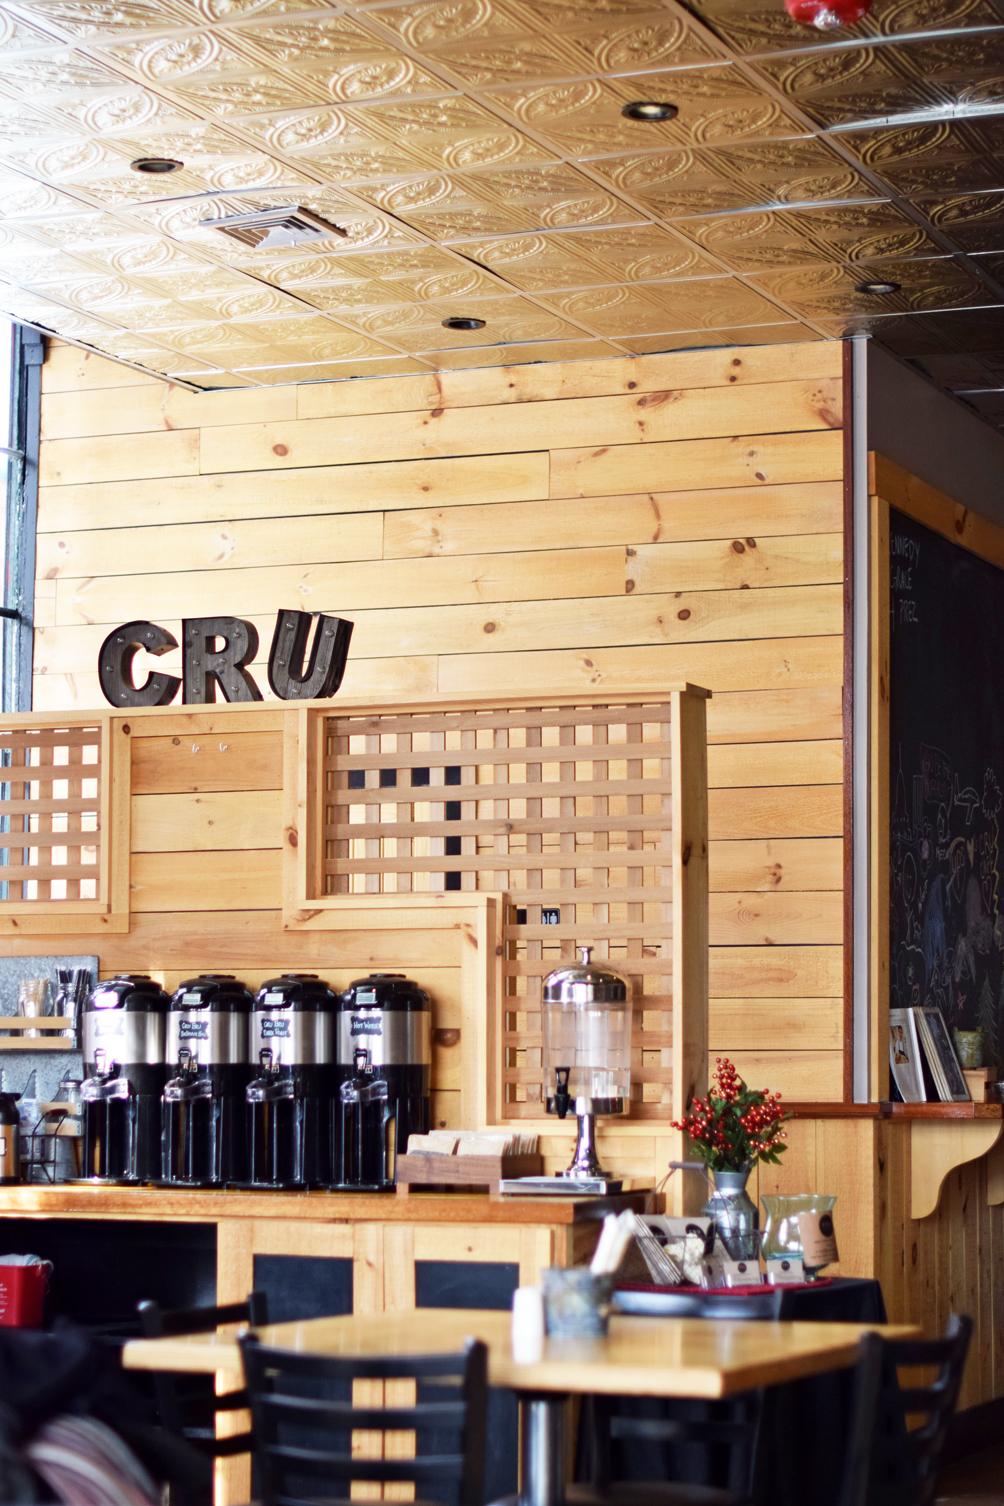 Cru Cafe in Newport, Rhode Island